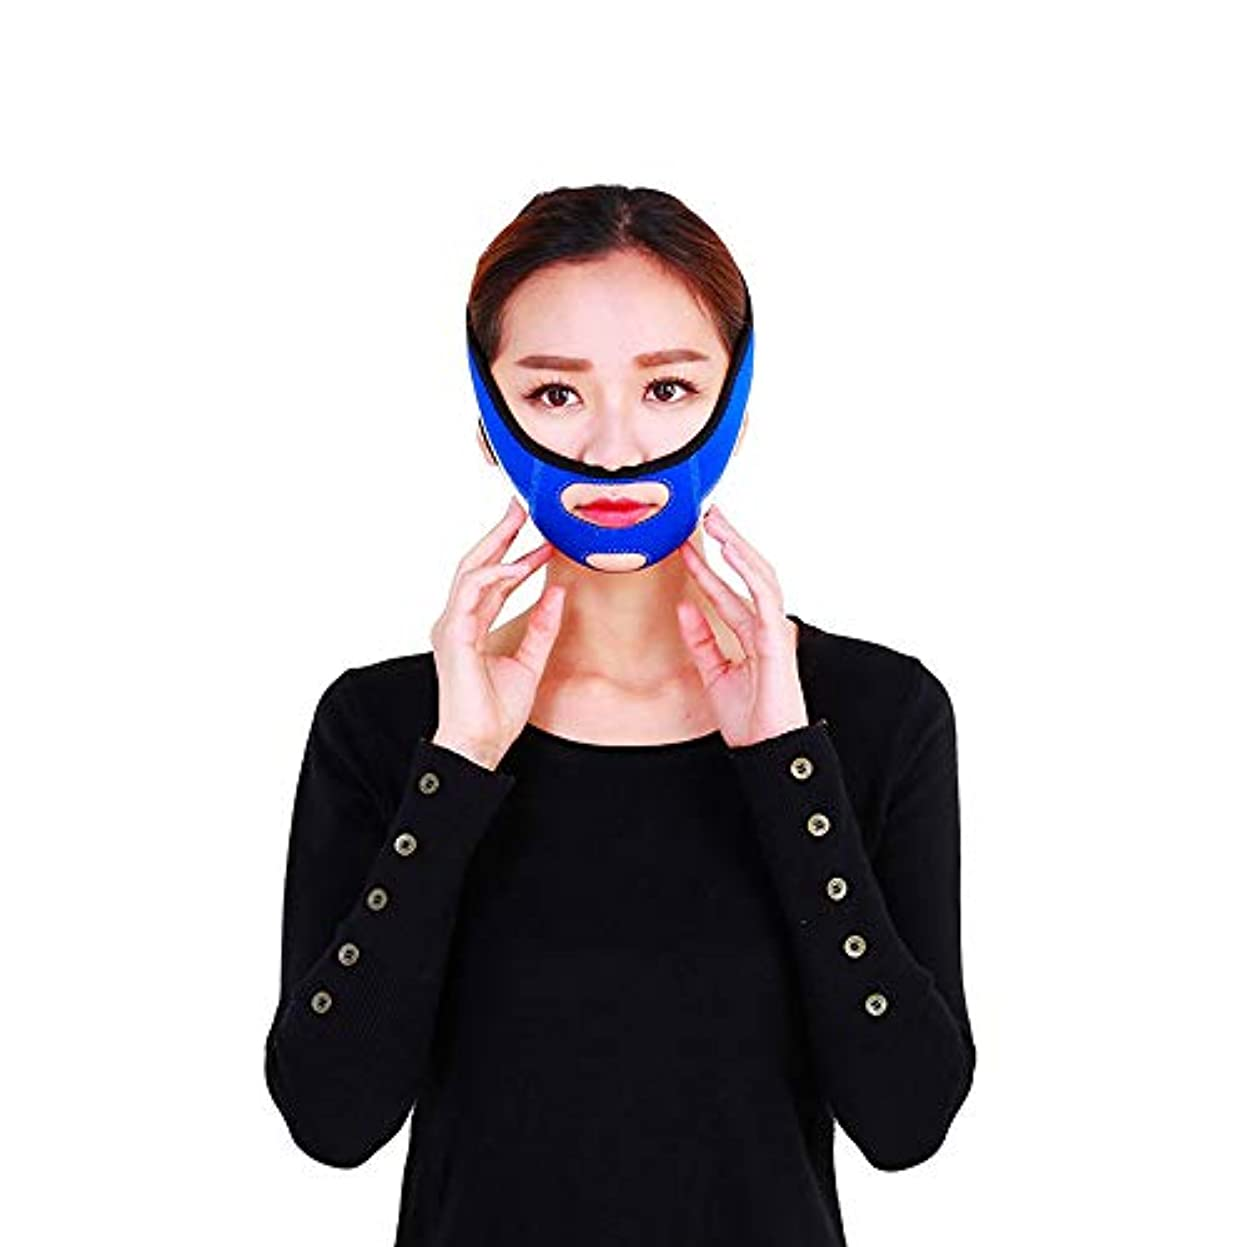 スライムディスク説教フェイスリフトベルト 顔を持ち上げるベルト - 顔を持ち上げる包帯は、上顎顔面修正ツールを強力に強化し、顔面マスクのV字形の人工物